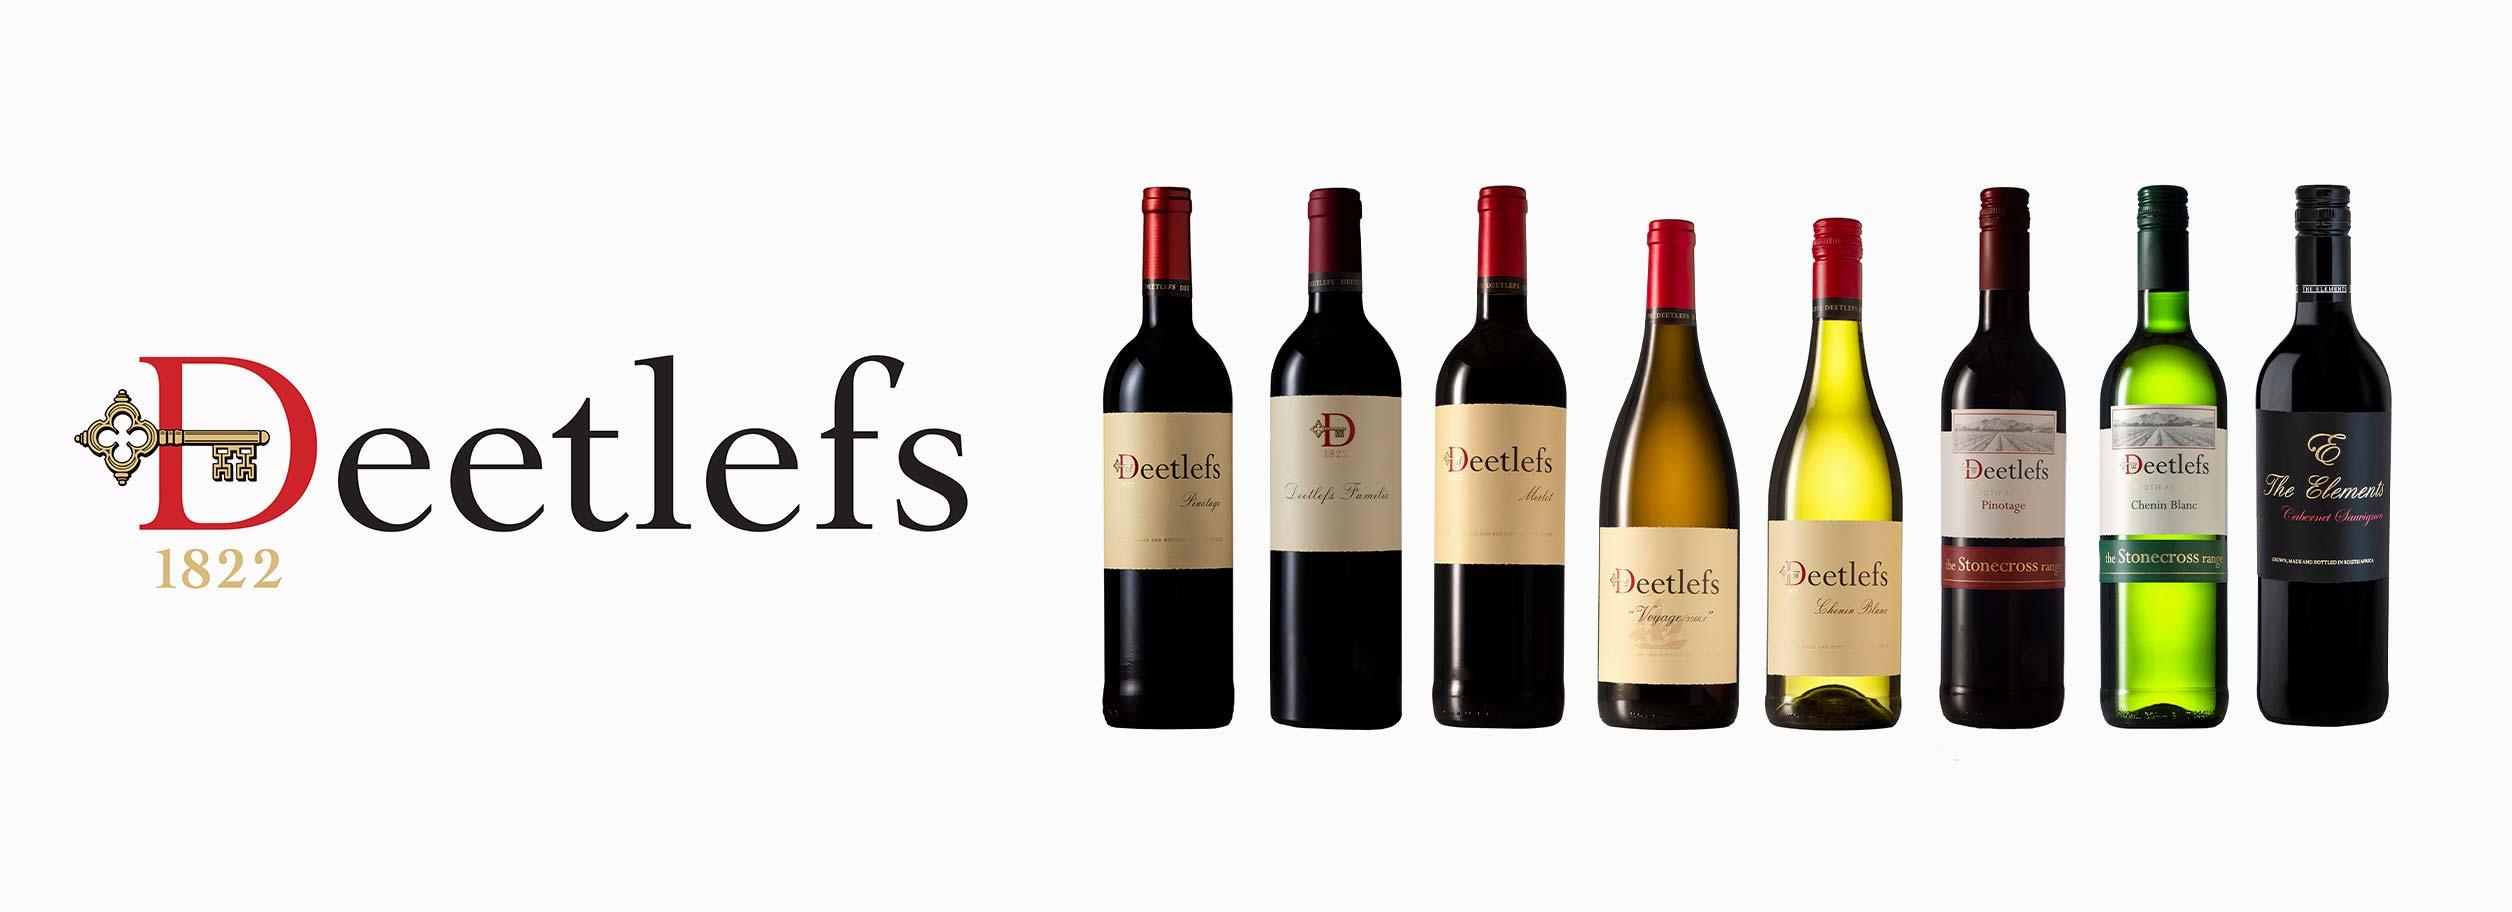 Deetlefs Wine